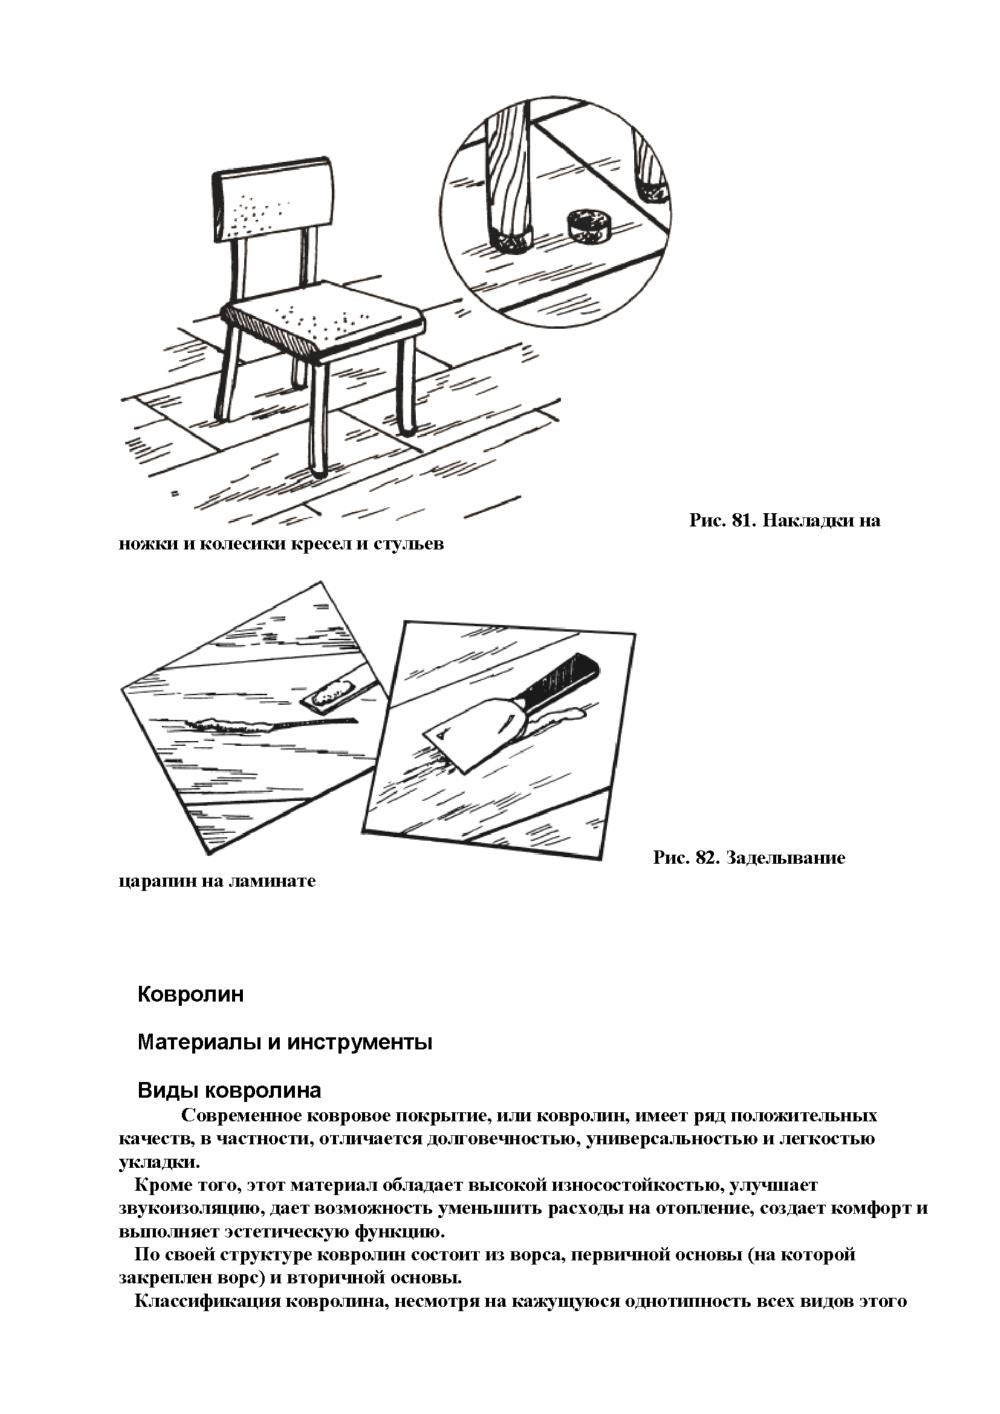 http://i2.imageban.ru/out/2013/11/26/a36604c554d1a78b0cabddf127eefaaa.jpg